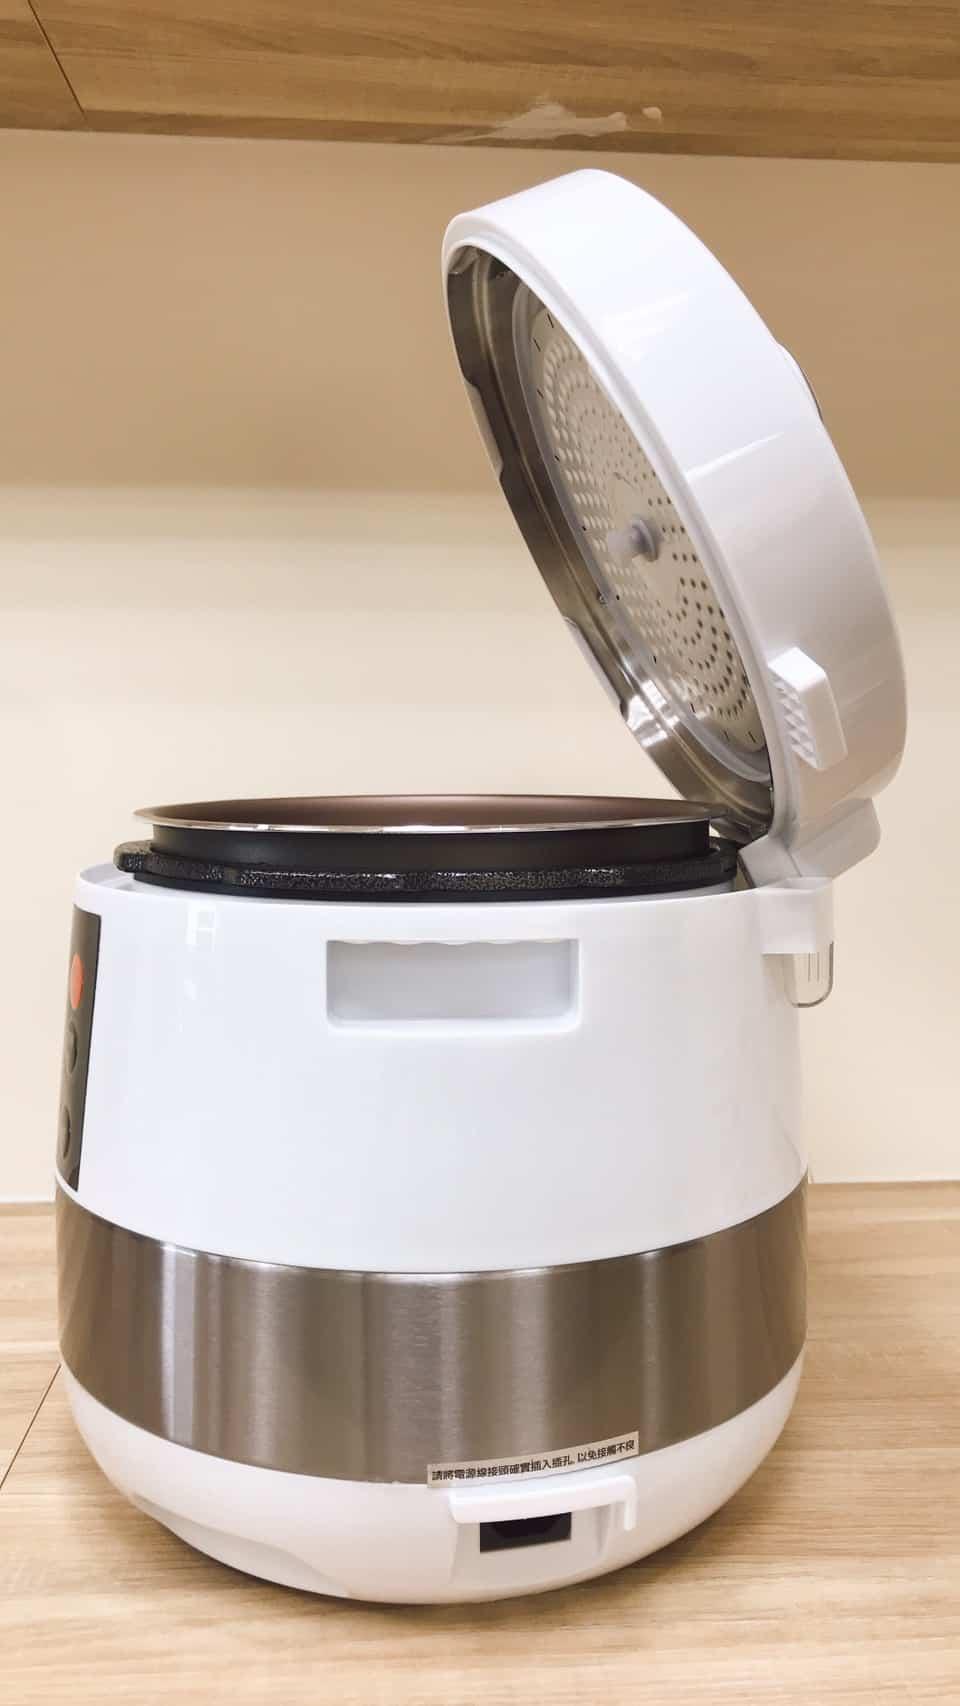 鍋寶萬用壓力鍋主機